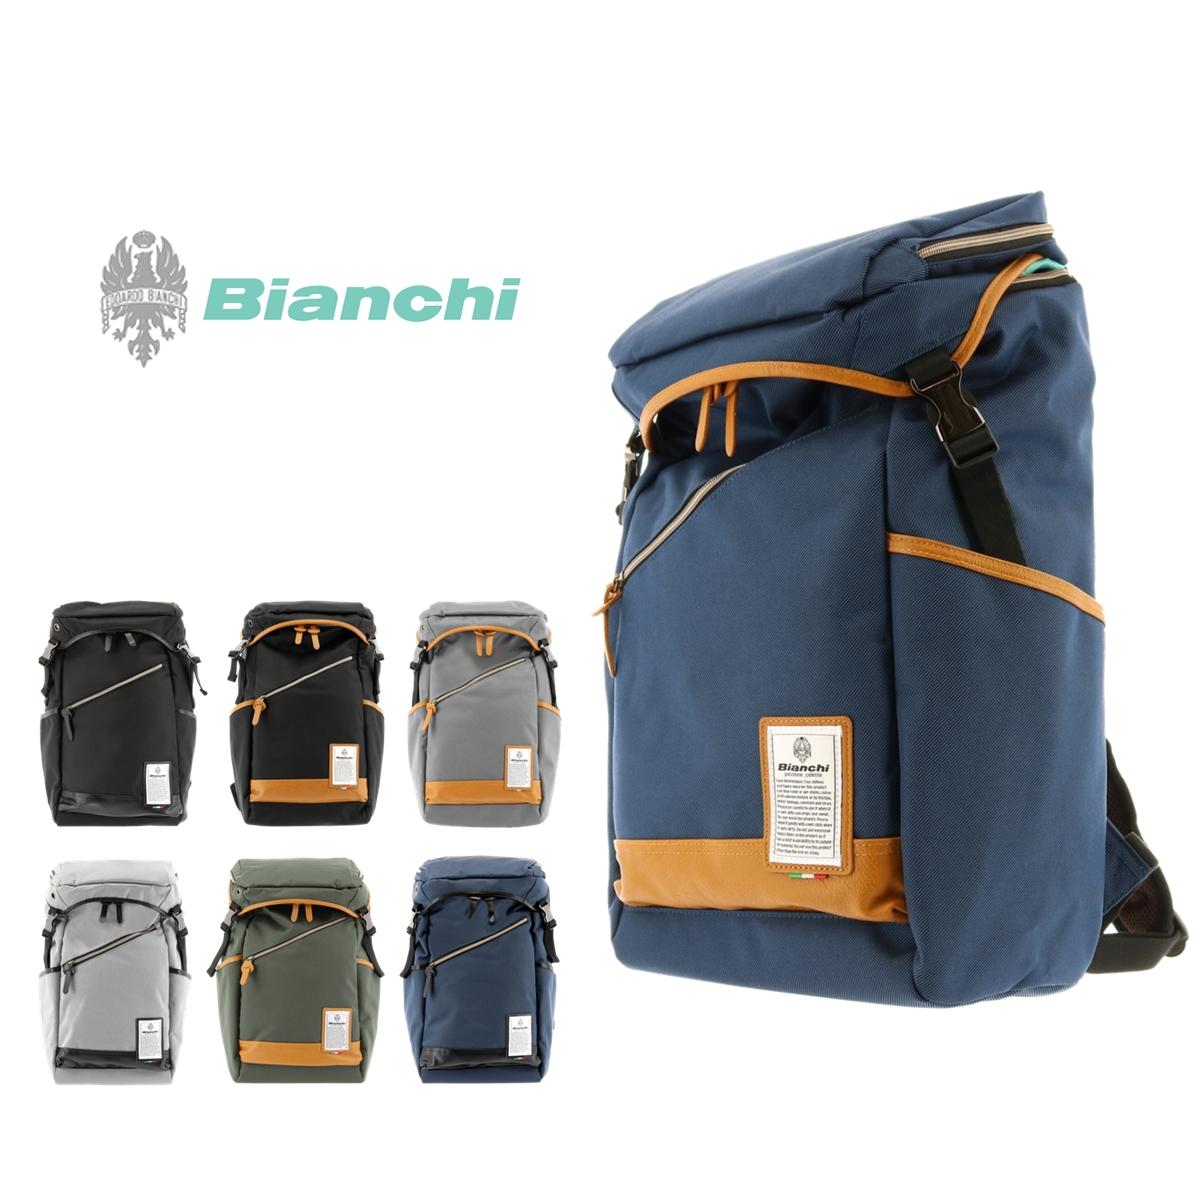 ビアンキ Bianchi リュック NBTC-55 DIBASE バックパック メンズ [PO10][bef]